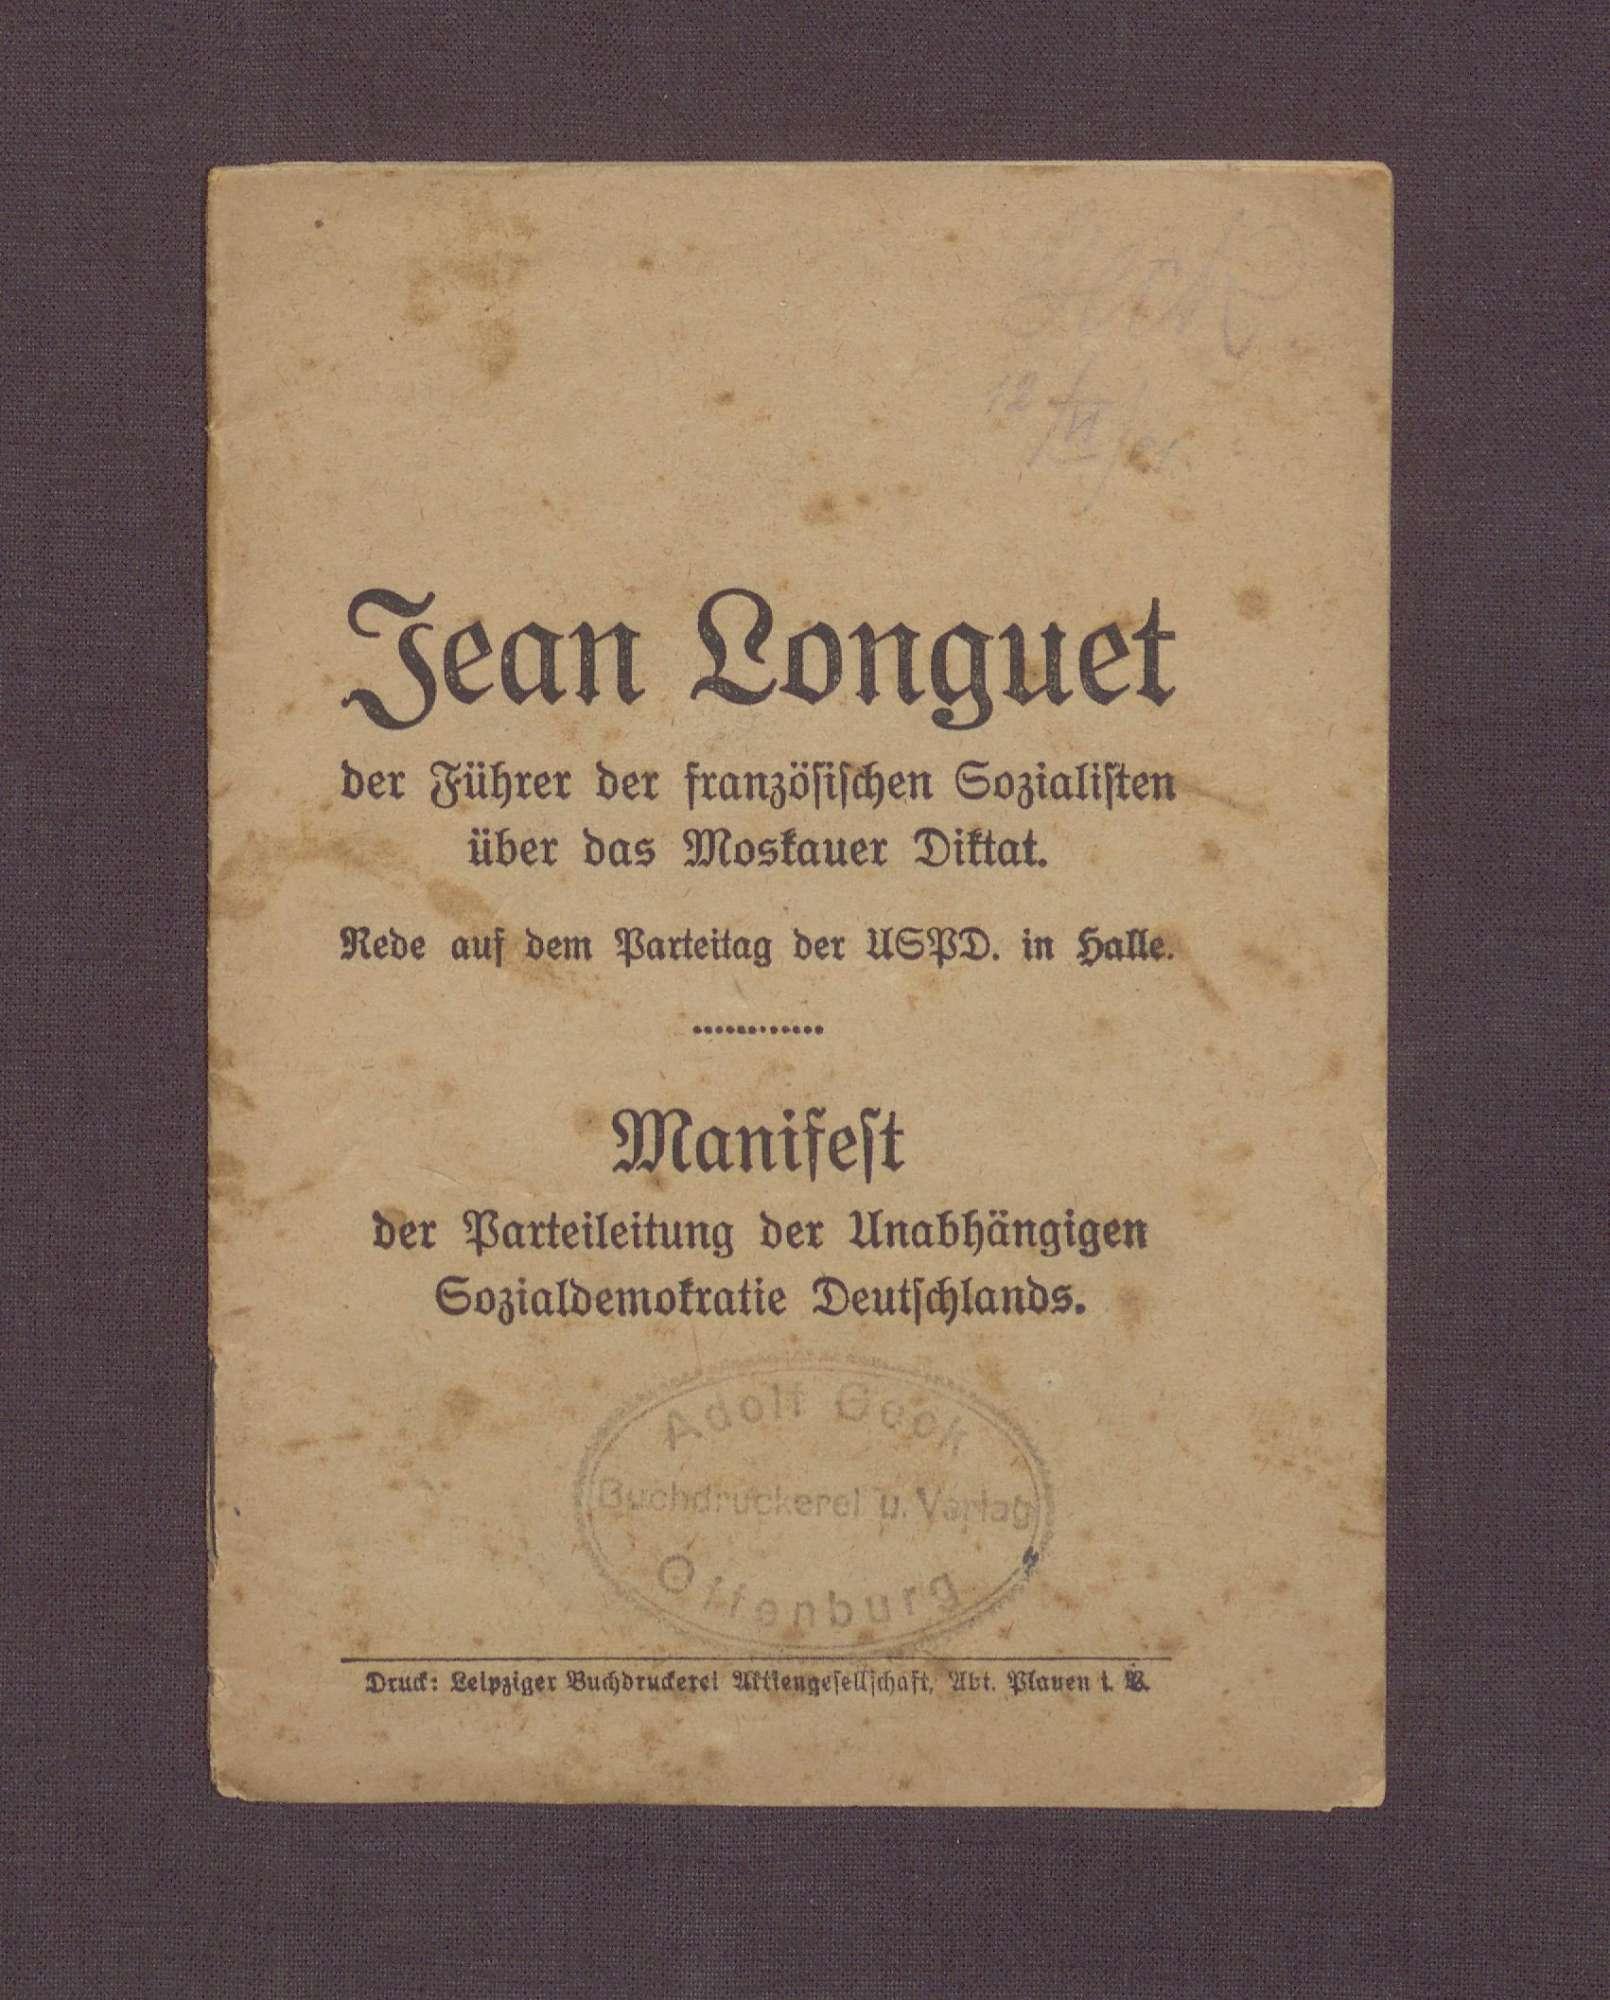 """Broschüre: """"Jean Longuet, Führer der französischen Sozialisten, über das Moskauer Diktat."""", Rede auf dem Parteitag der USPD in Halle, 1920/21, Bild 2"""